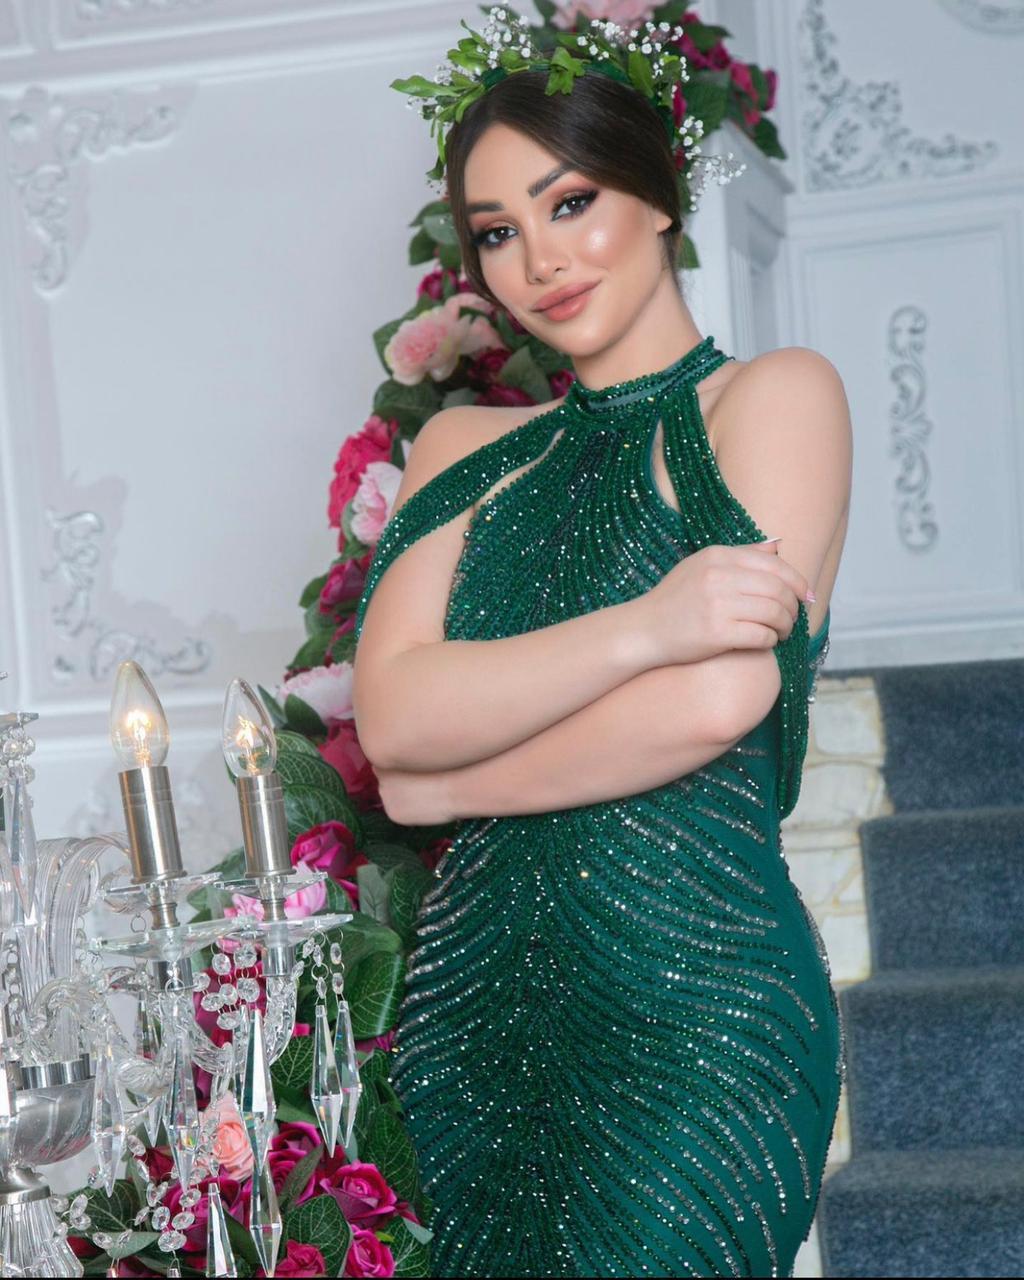 تيا الكردى  ملكة جمال العرب : أقدم برنامج منوعات  تلفزيوني بعد عيد الفطر   .